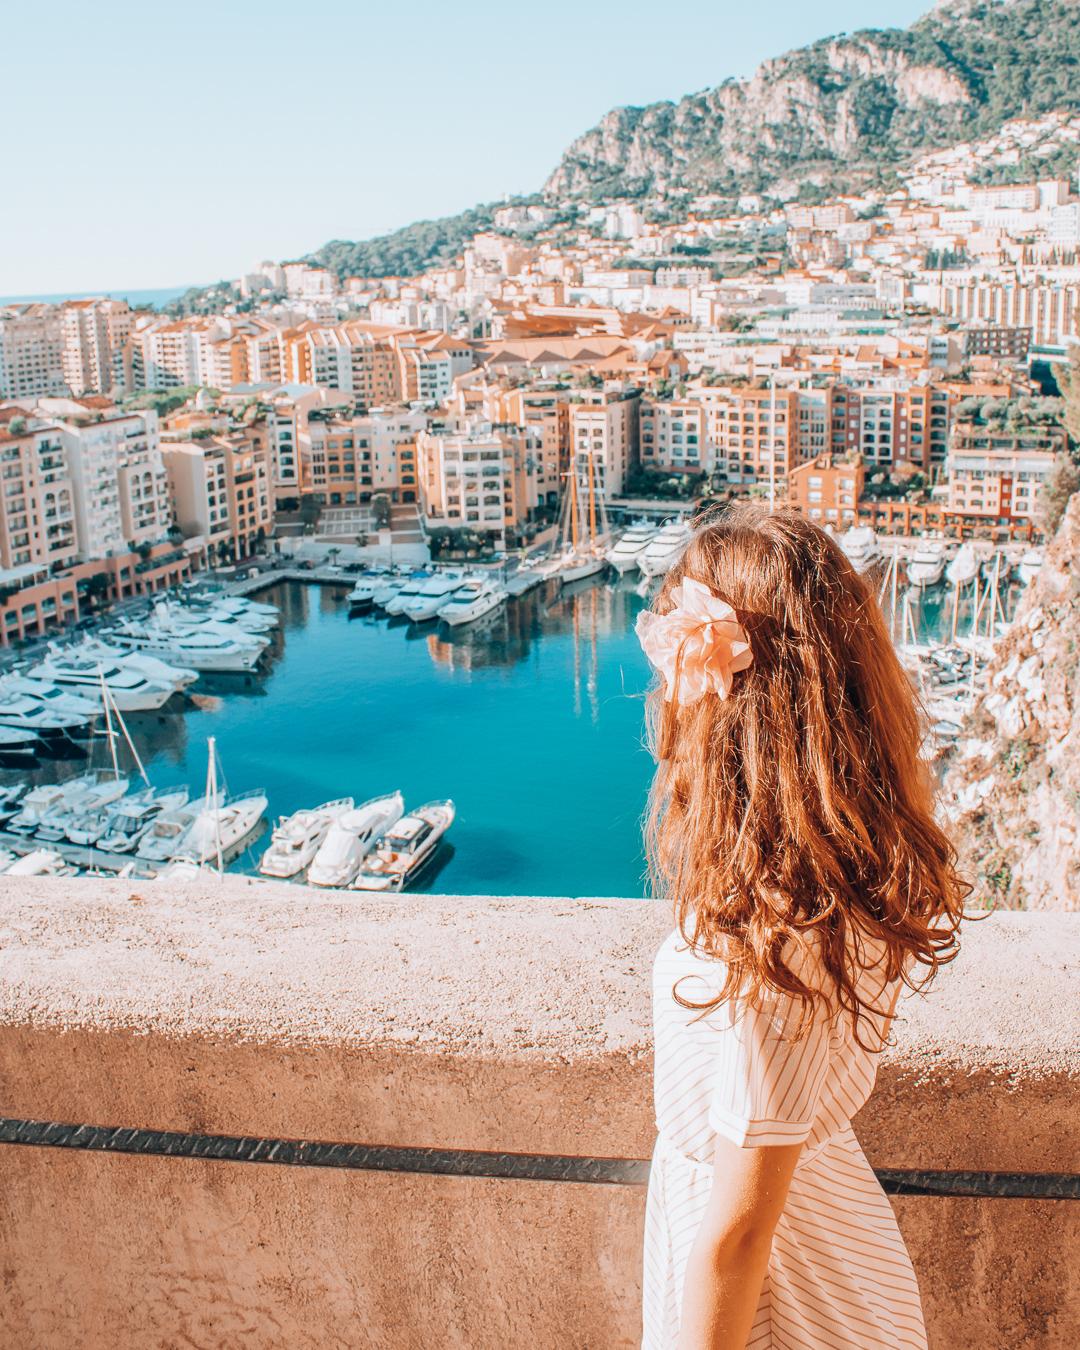 Sunny day in Monaco-Ville